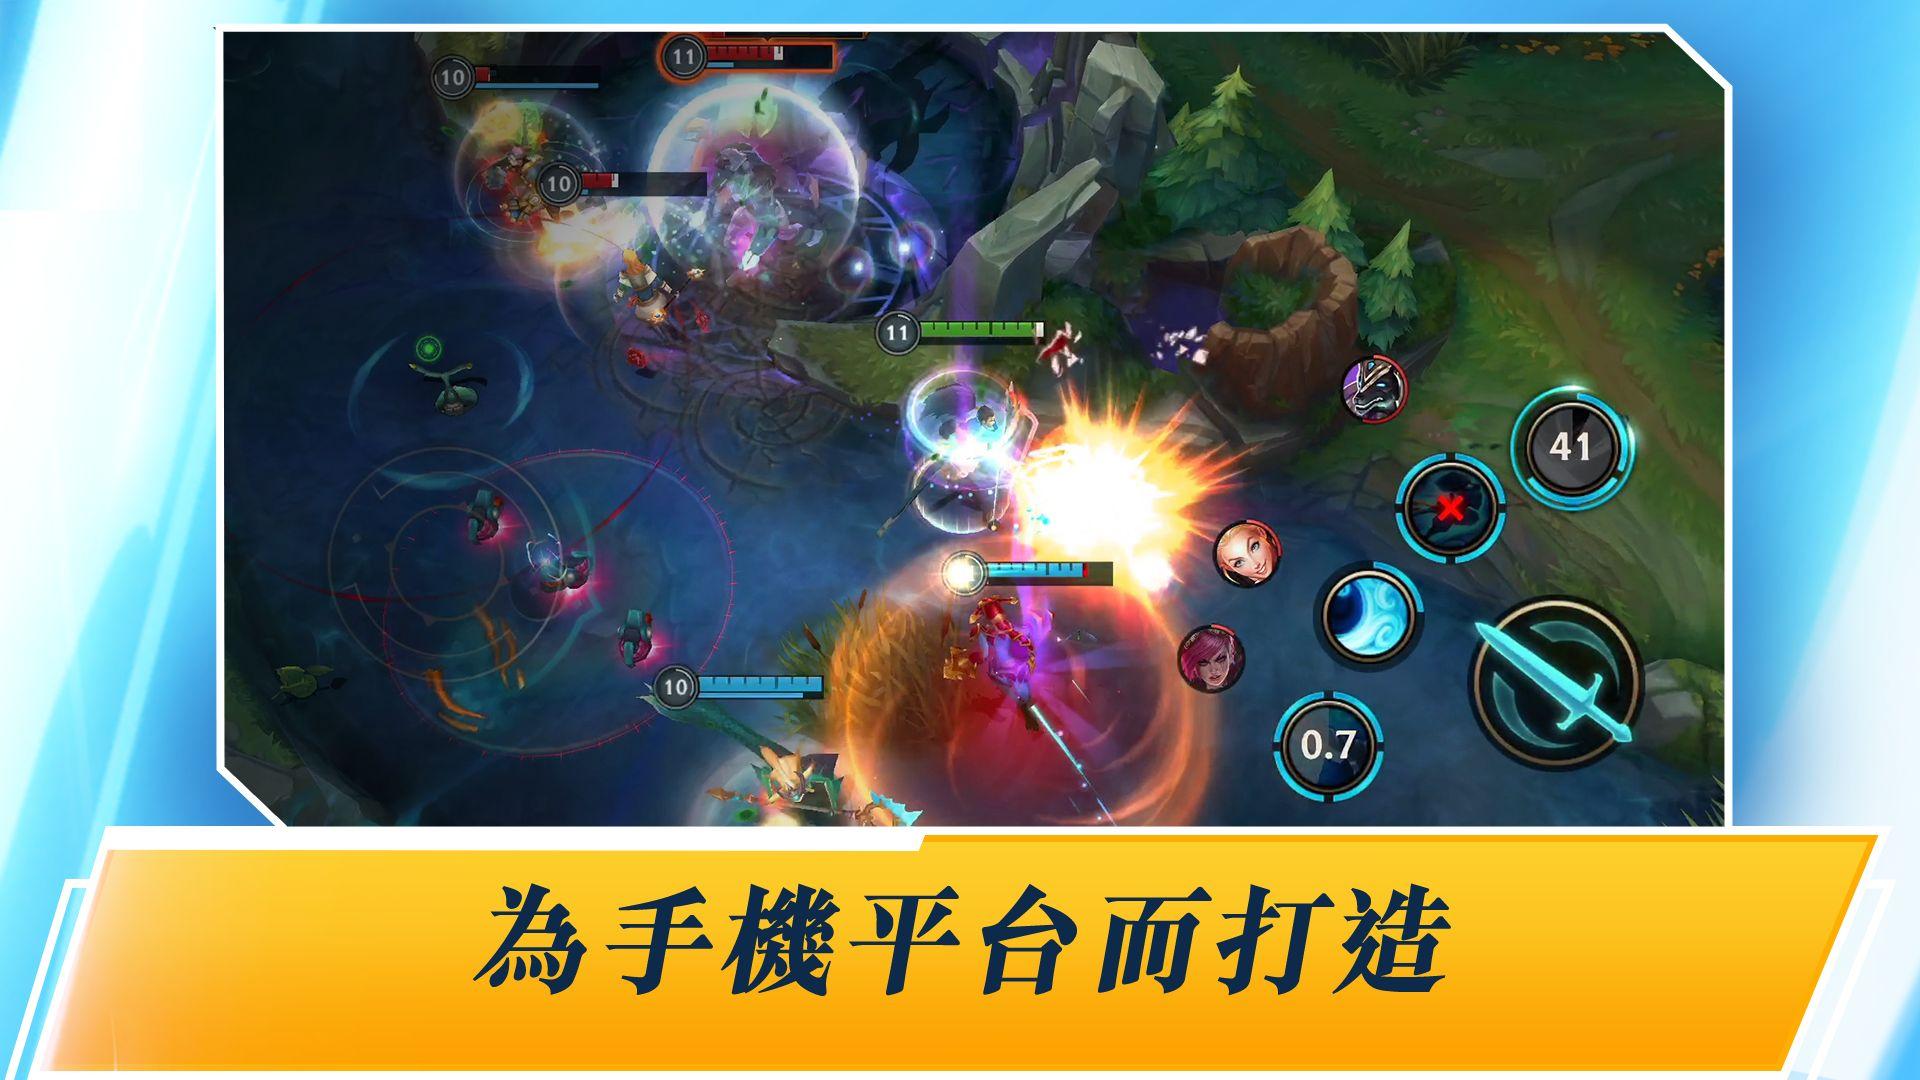 英雄联盟:激斗峡谷(台服 LOL:Wild Rift) 游戏截图5